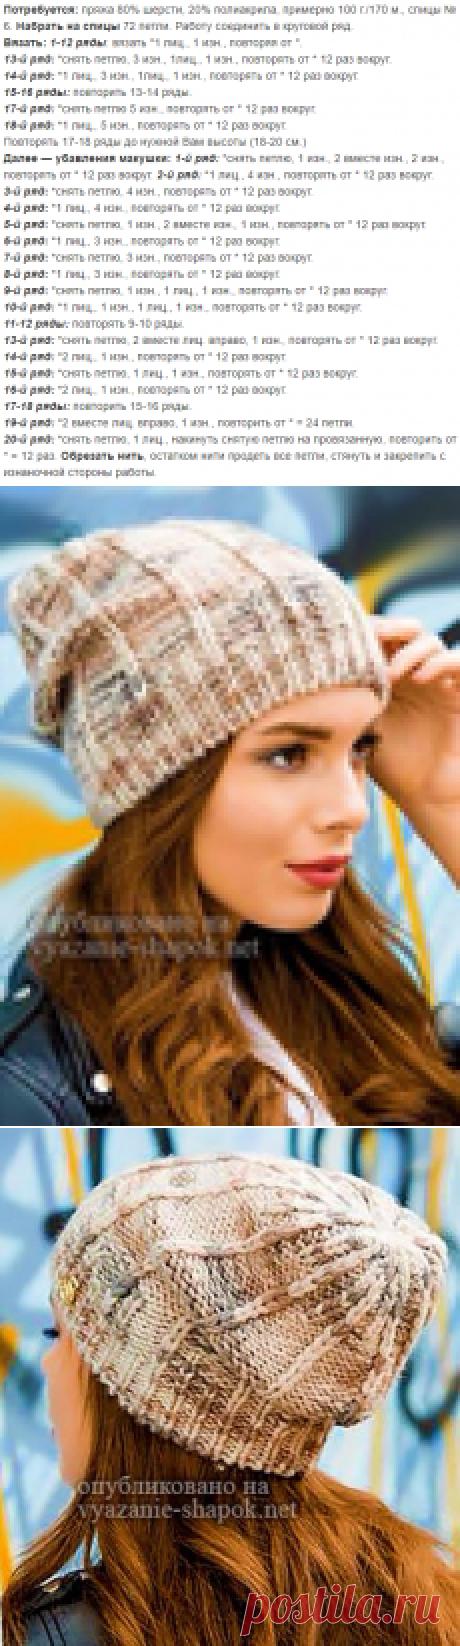 Молодёжная шапка Нэлли для девушек спицами